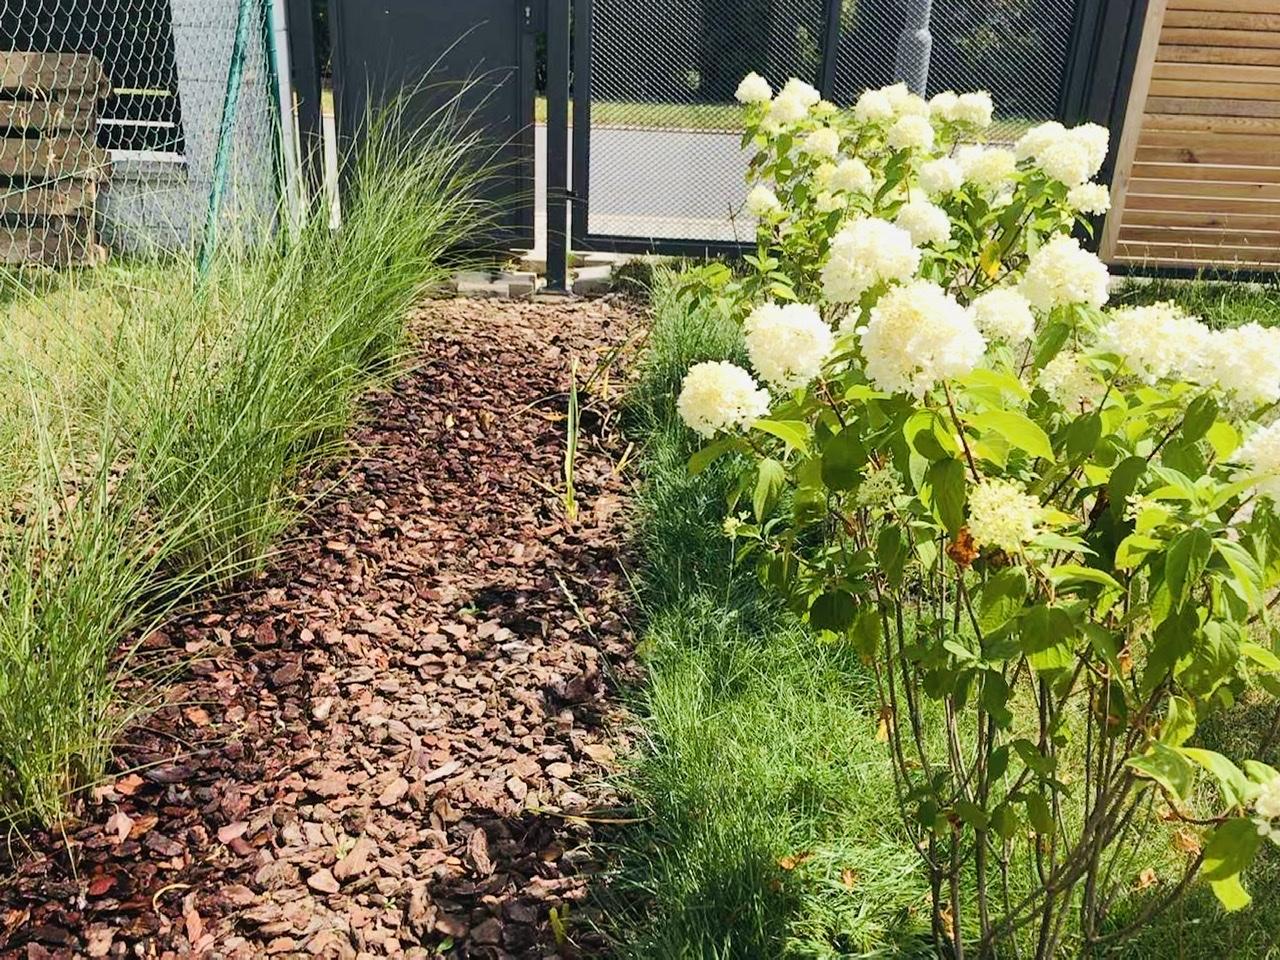 Naše L-ko - začiatok 4. roku bývania - U plotu rastie 4 m pruh - mladá ozdobnica čínska , tento pruh by sa mal prepojit s pruhom hortenzii. Travny drn pod hortenziami odstranim až na jar. Dali sme ich rychlo do zeme aby sa stihli zakorenit